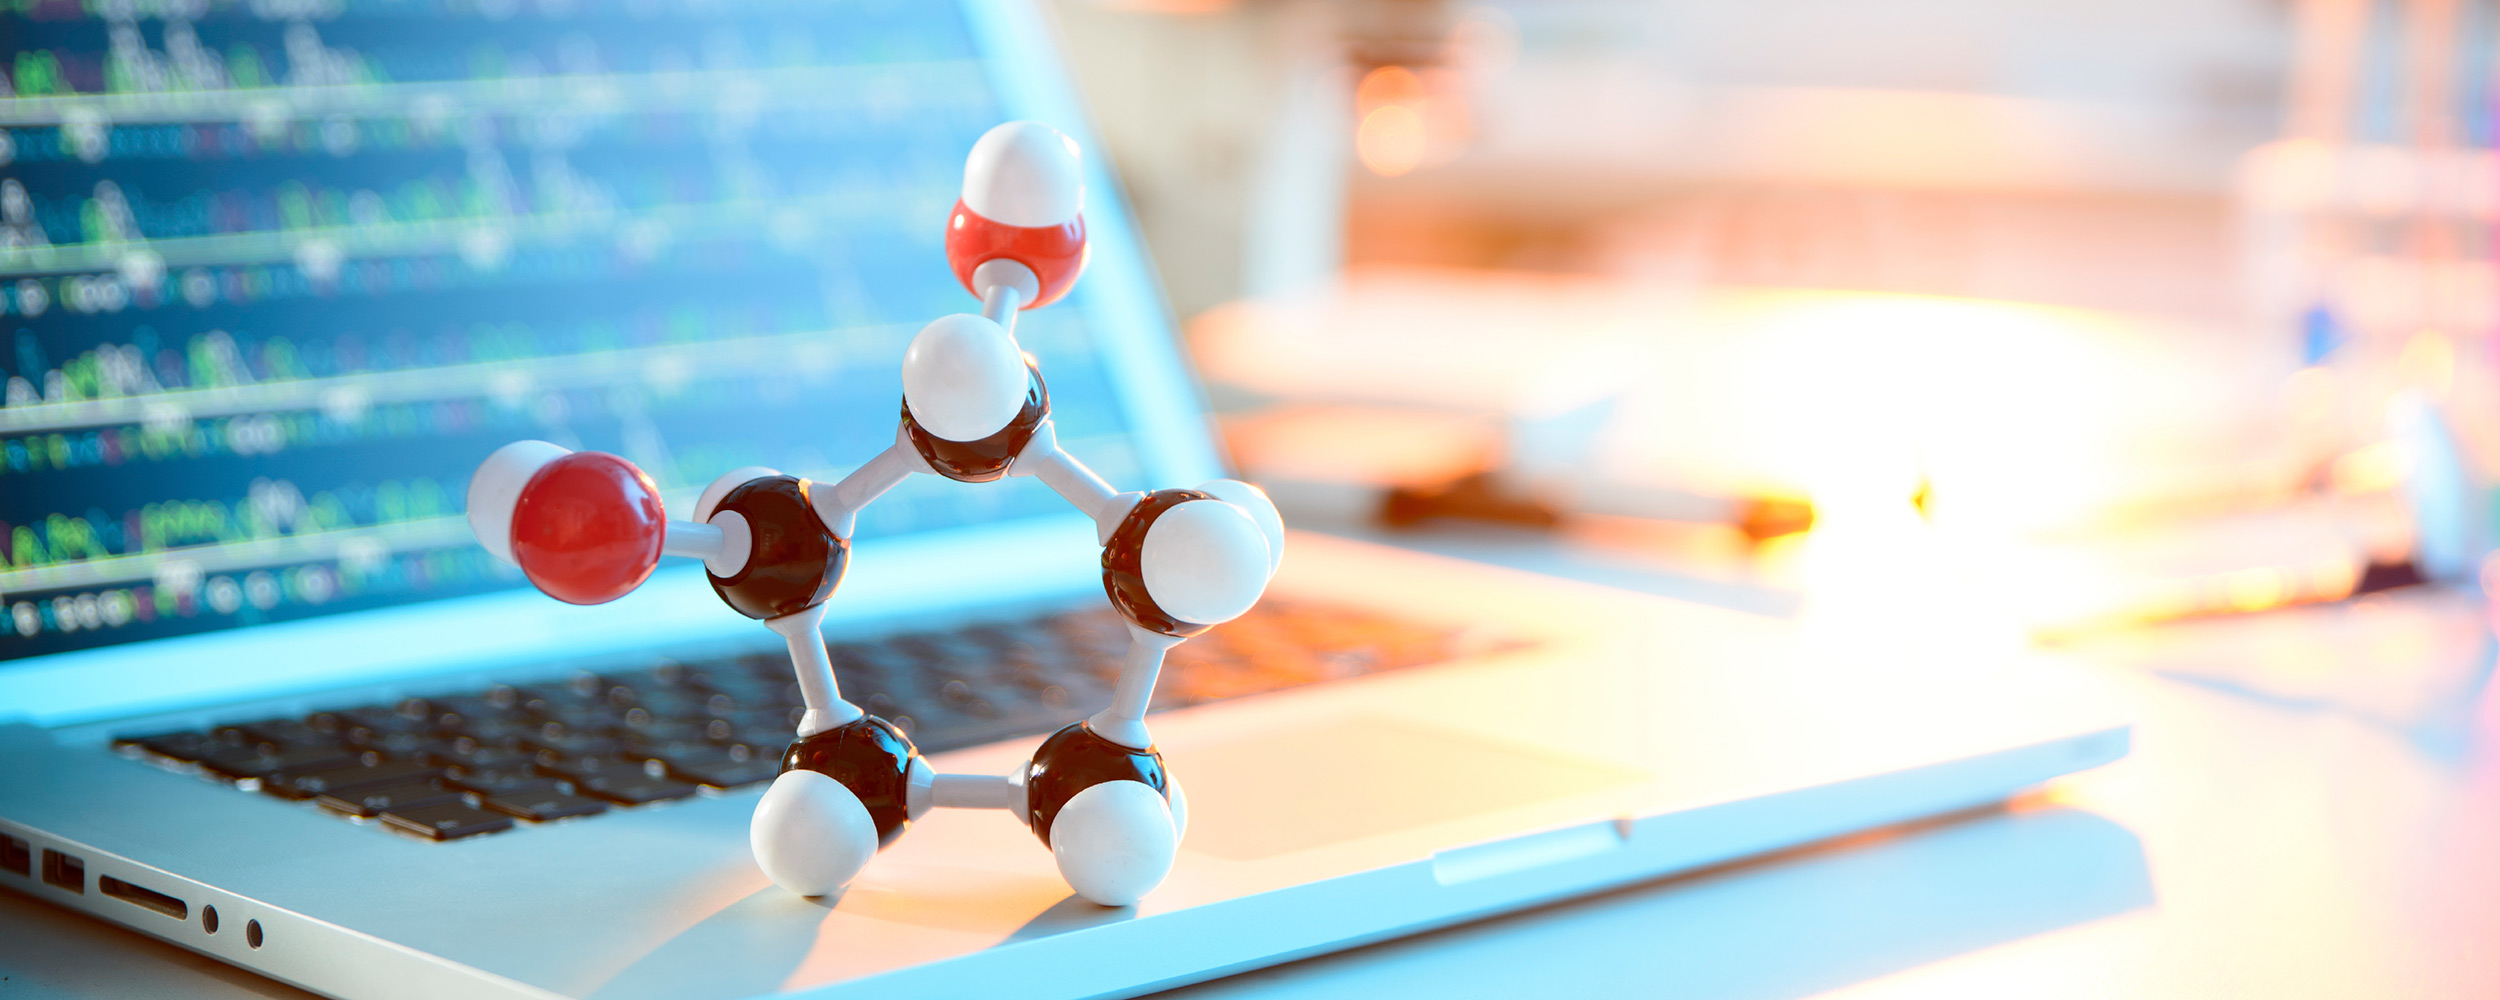 Molecular Design And Cheminformatics Rti